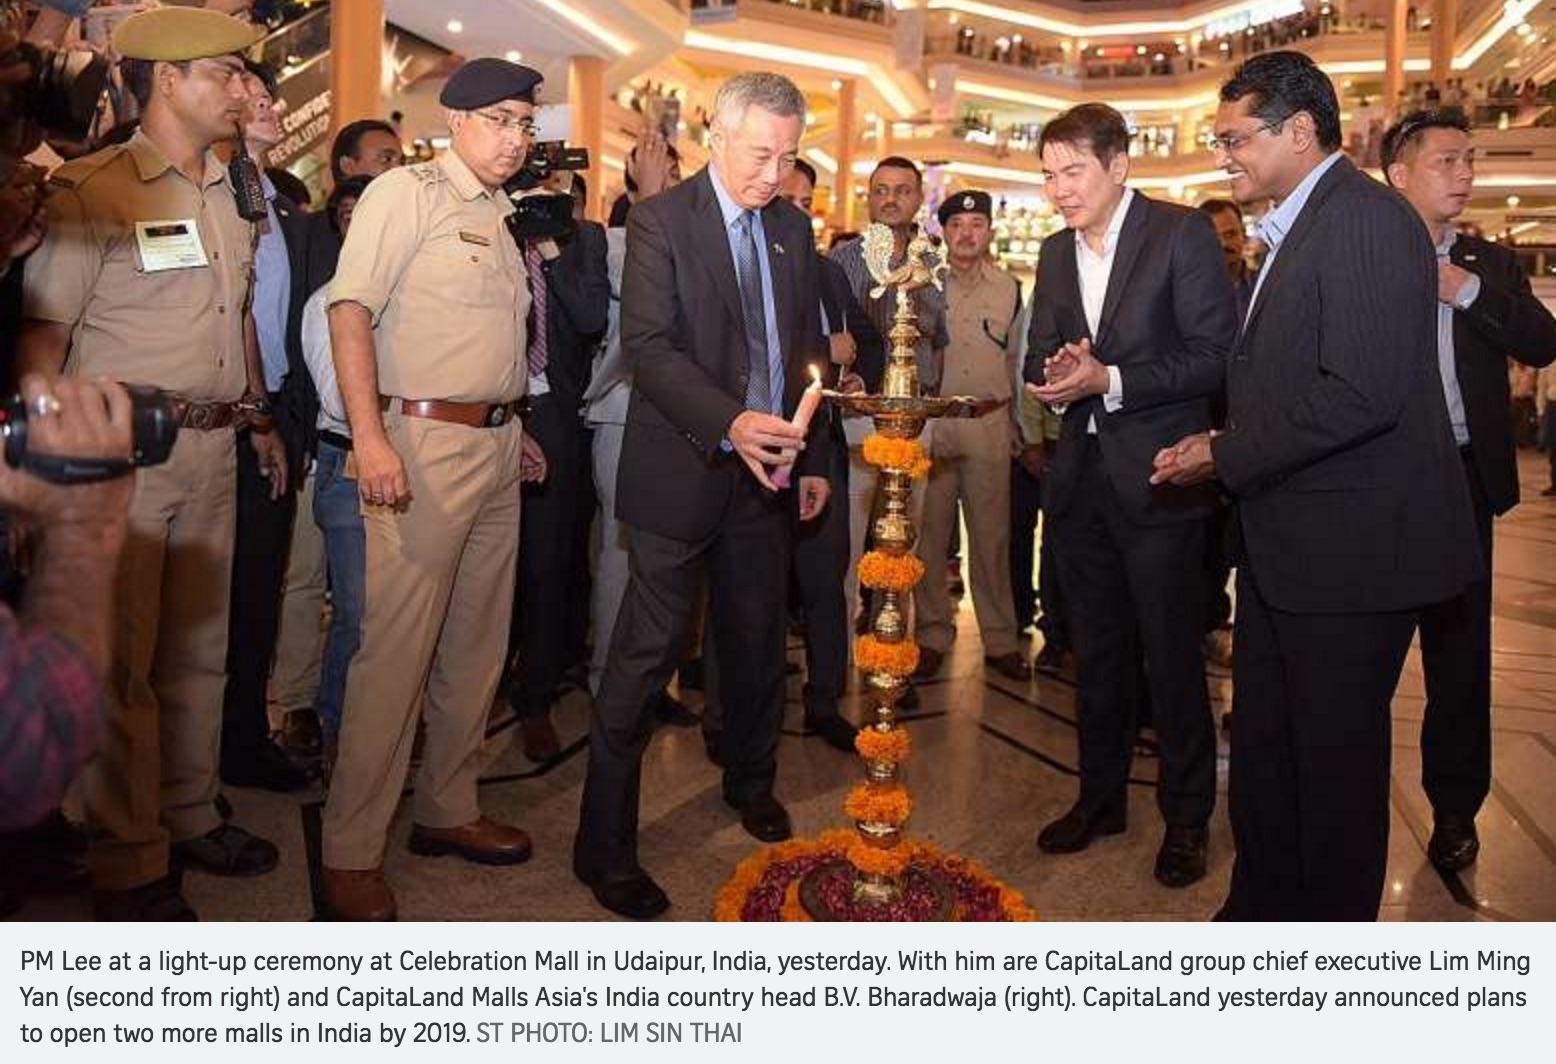 Singapour s'installer en Inde avec de gigantesques centres commerciaux. Copie d'écran du Straits Times, le 6 octobre 2016.